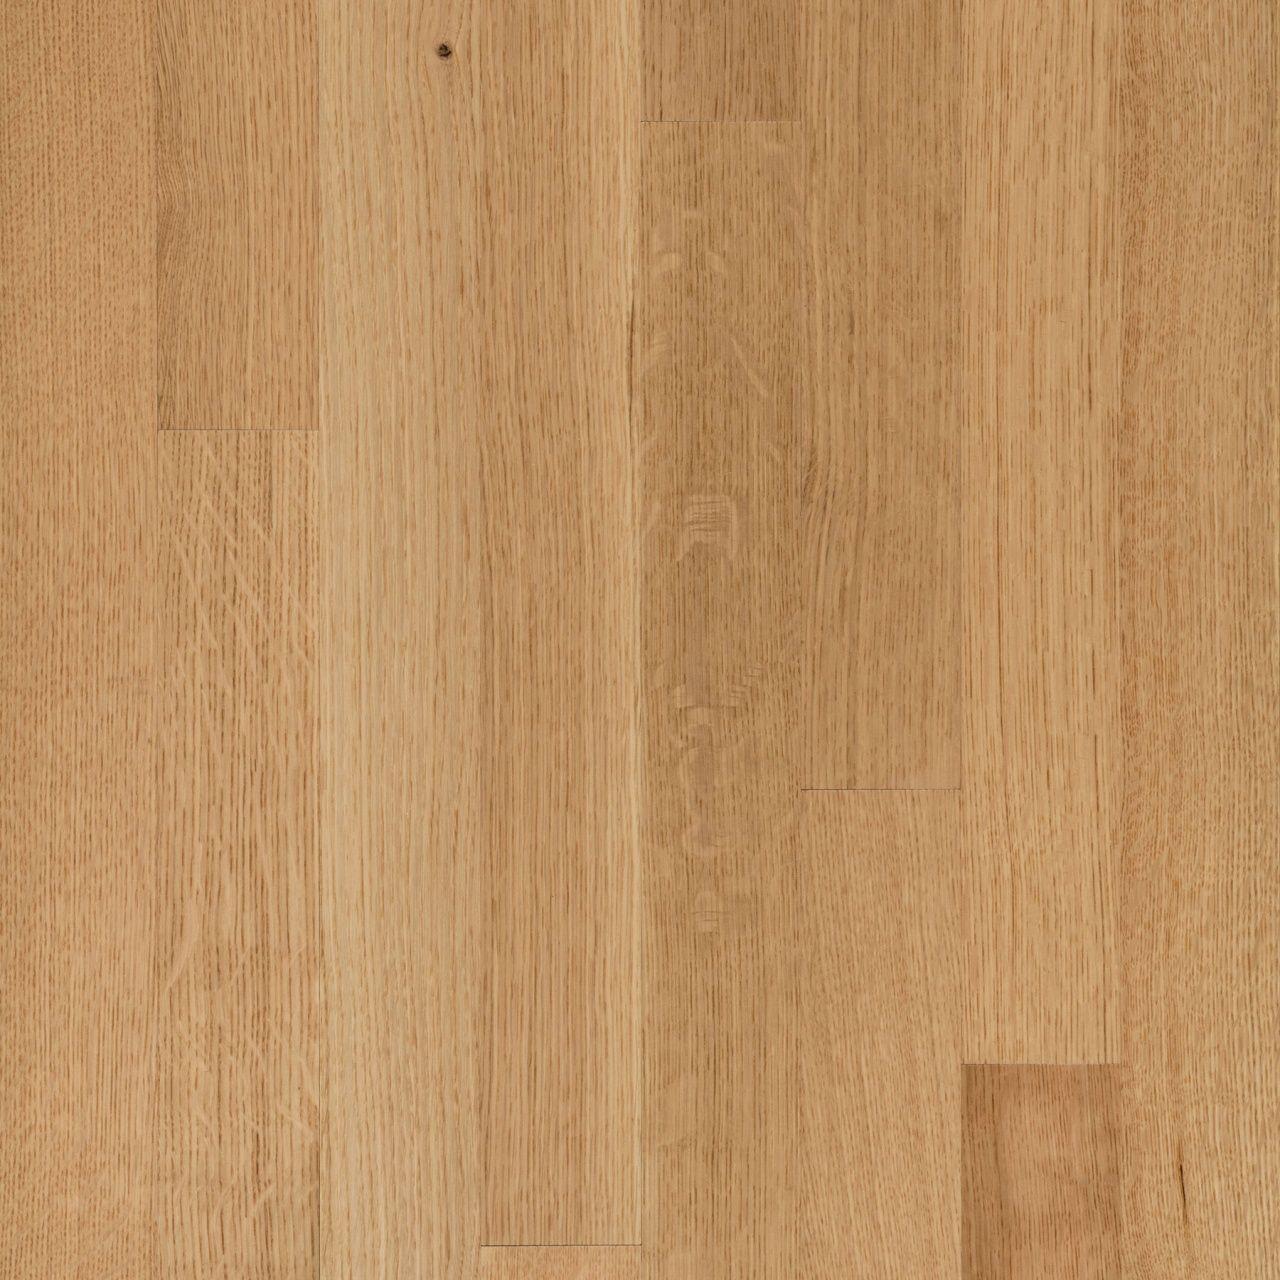 Rift and Quartered White Oak Flooring in 2020 White oak